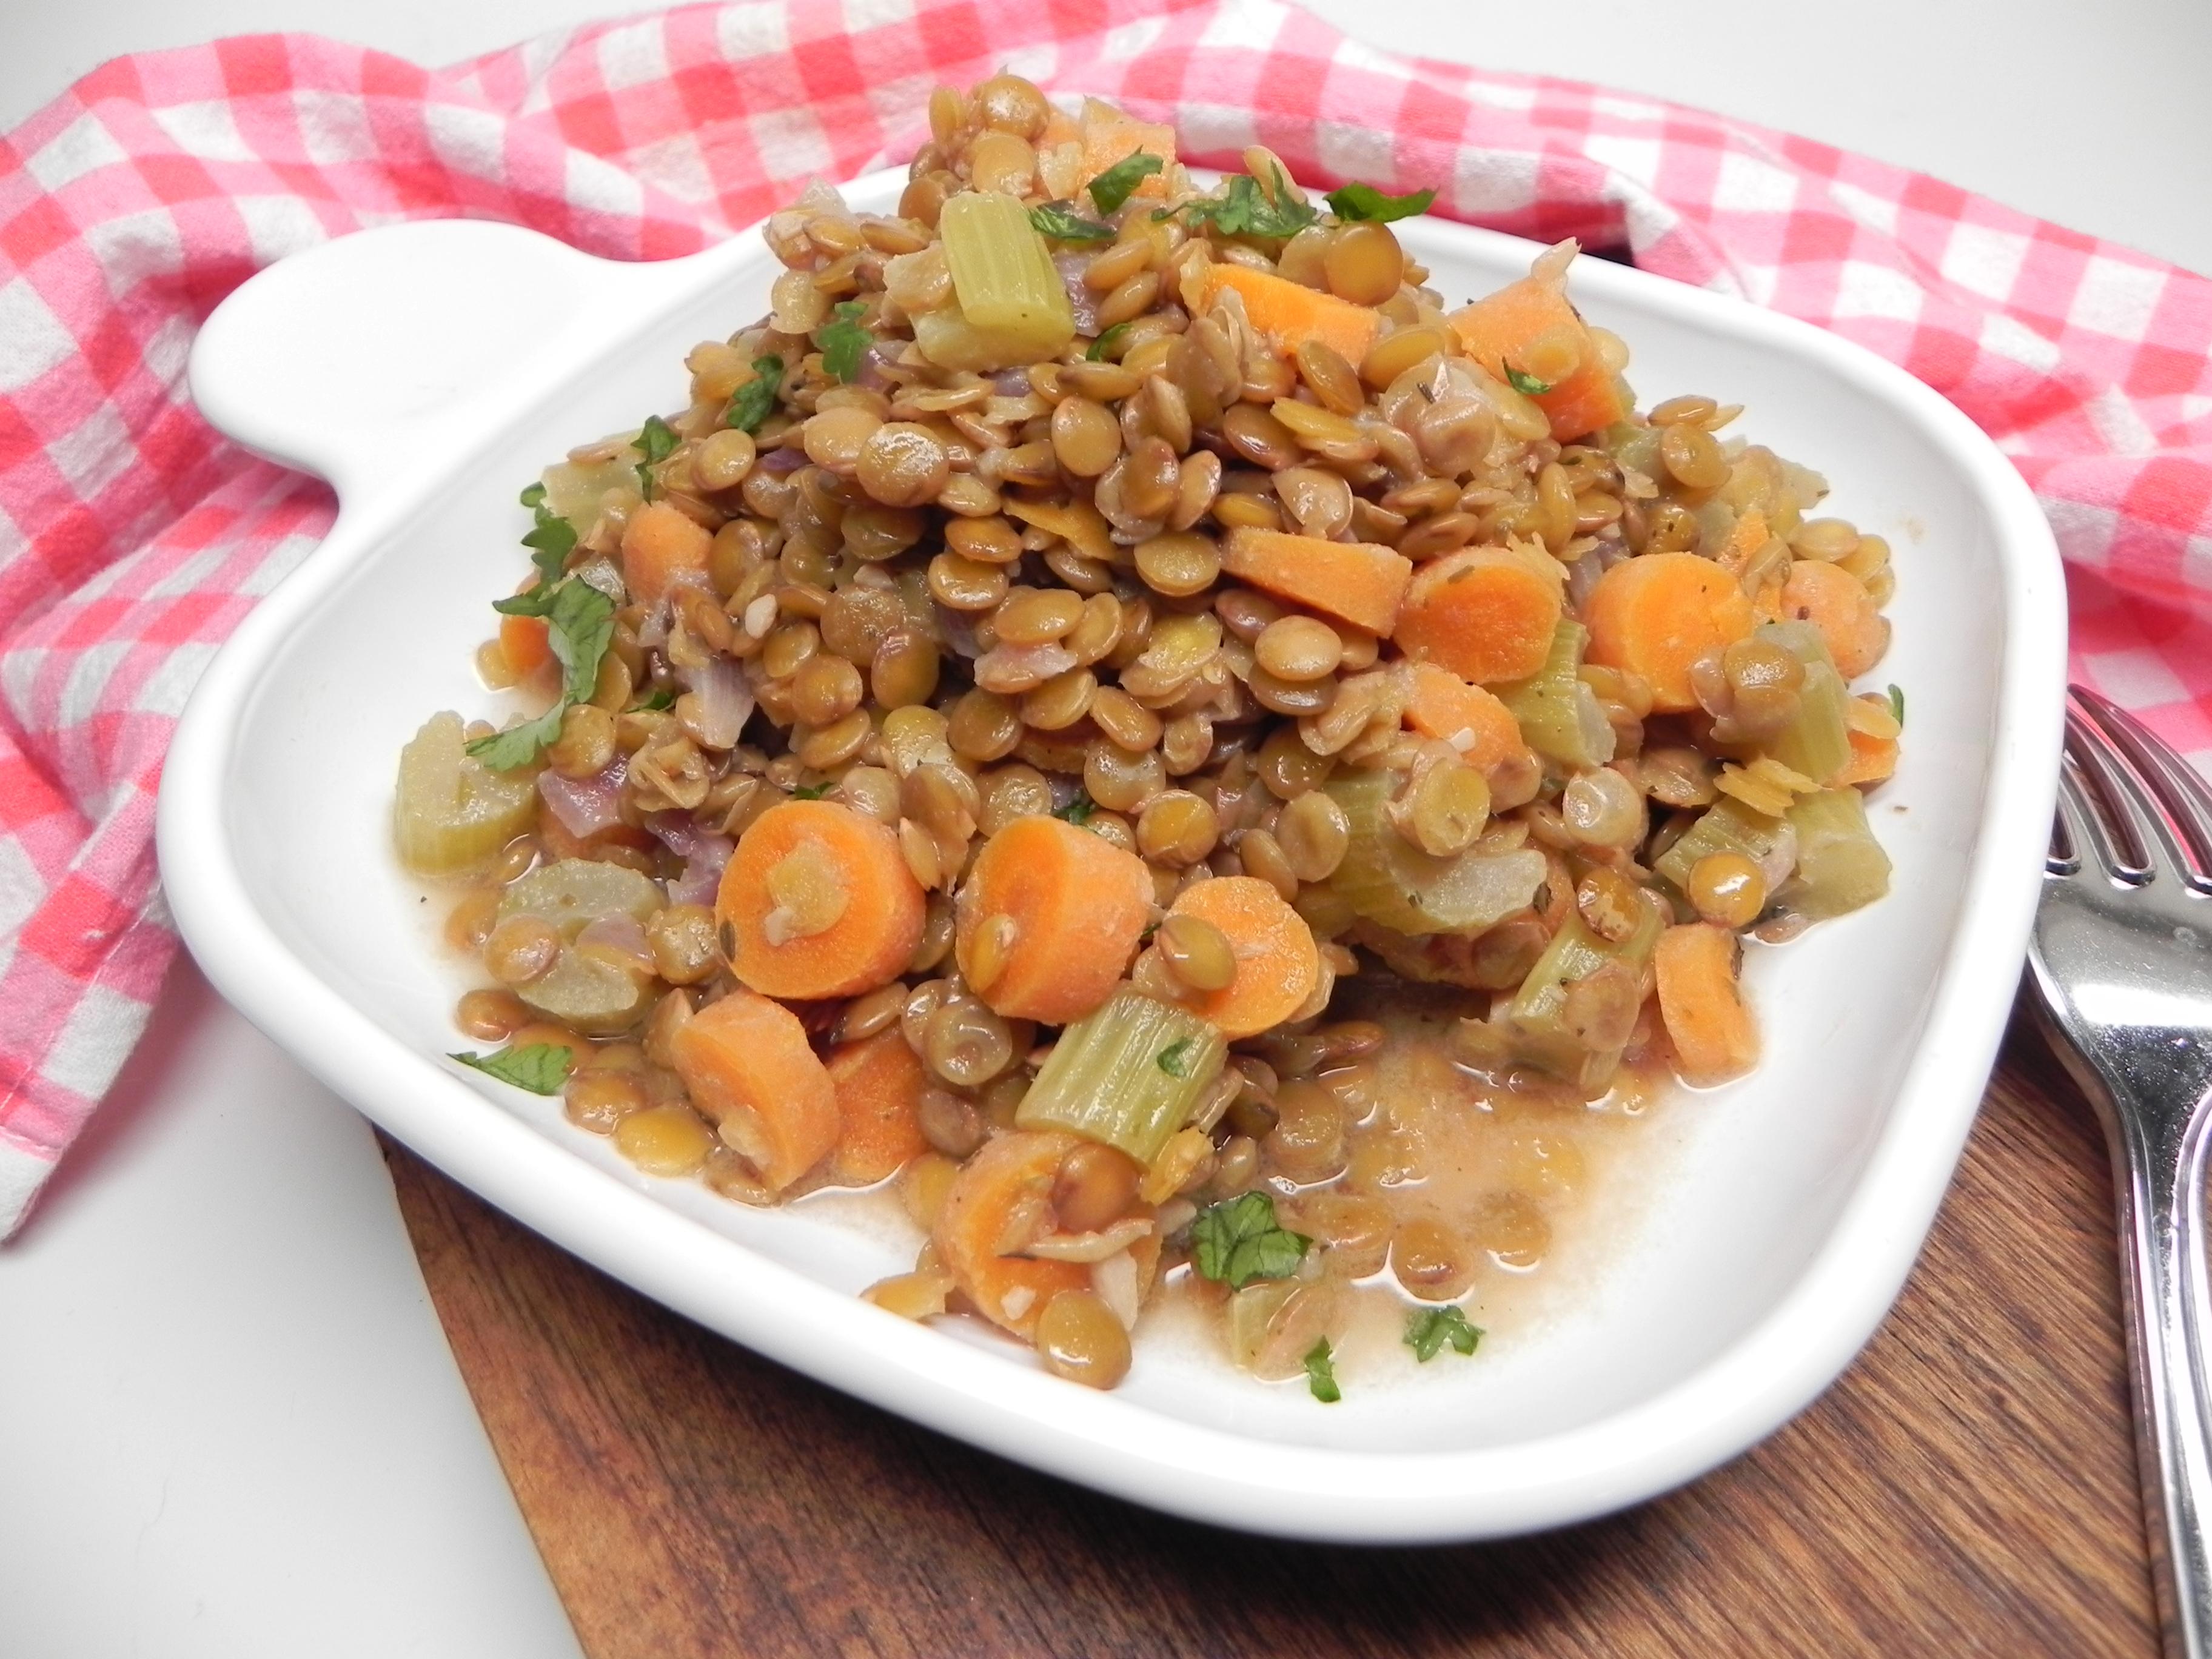 Instant Pot® Warm Lentil Salad with Dijon Vinaigrette